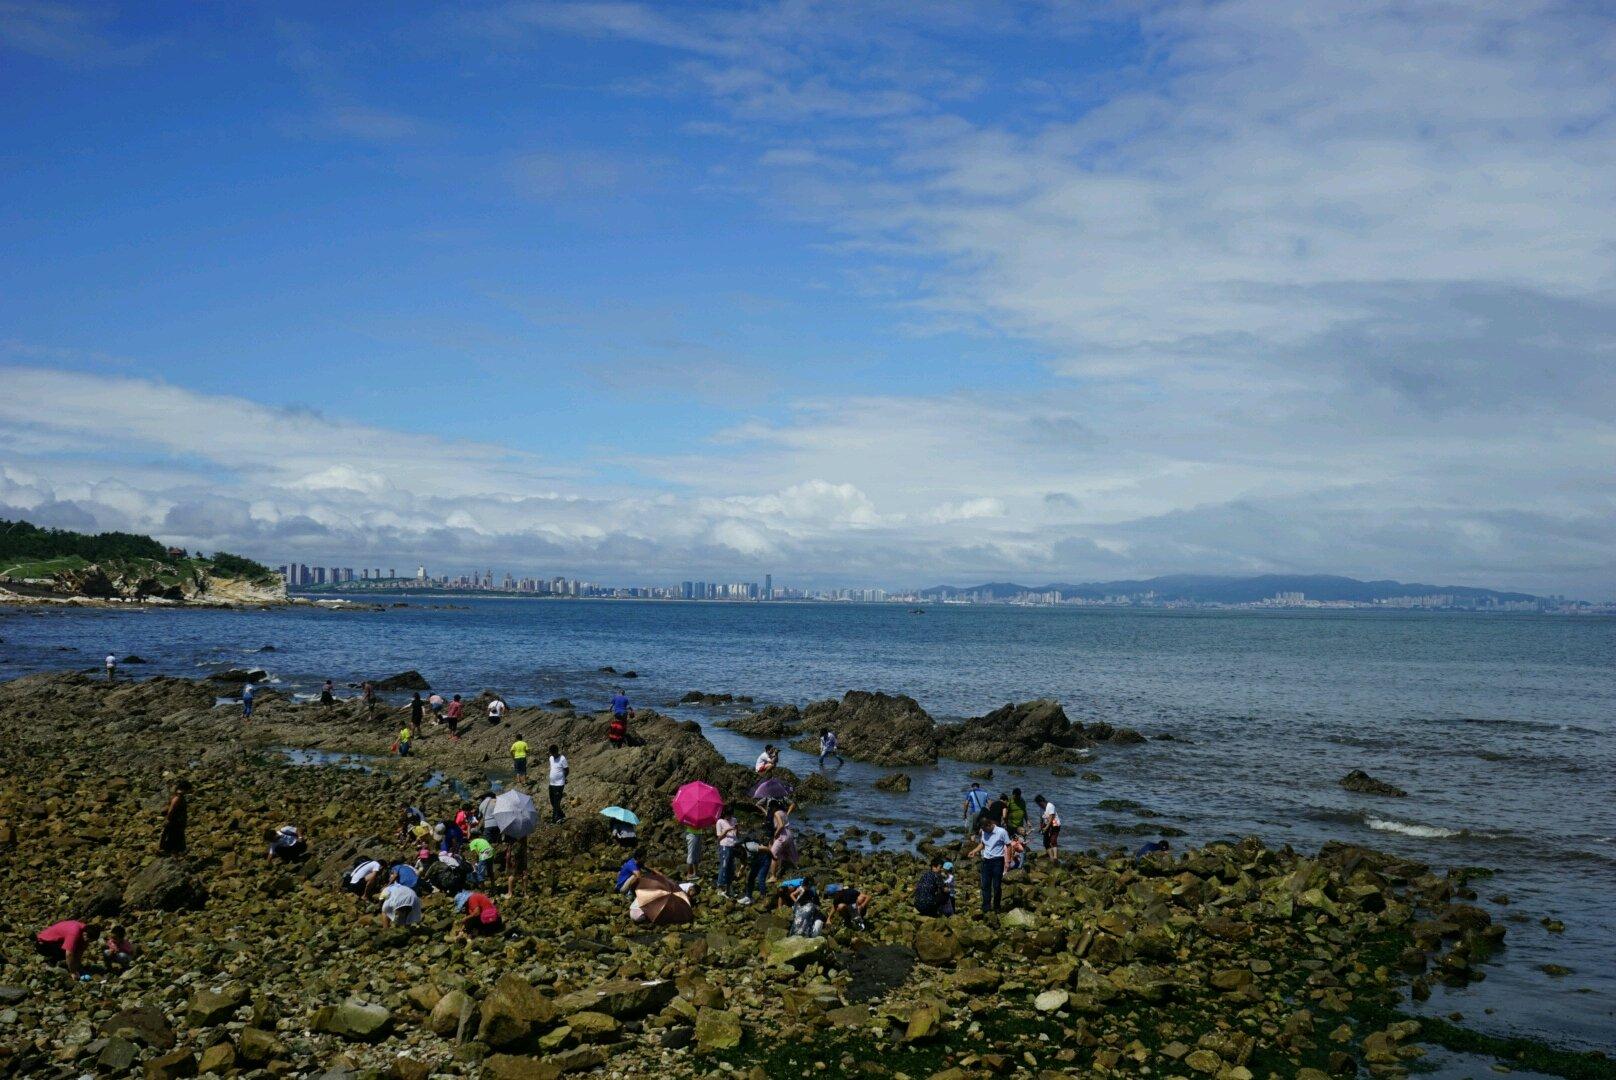 2018养马岛游玩攻略,终于看到蓝天了天越湾海滩 a